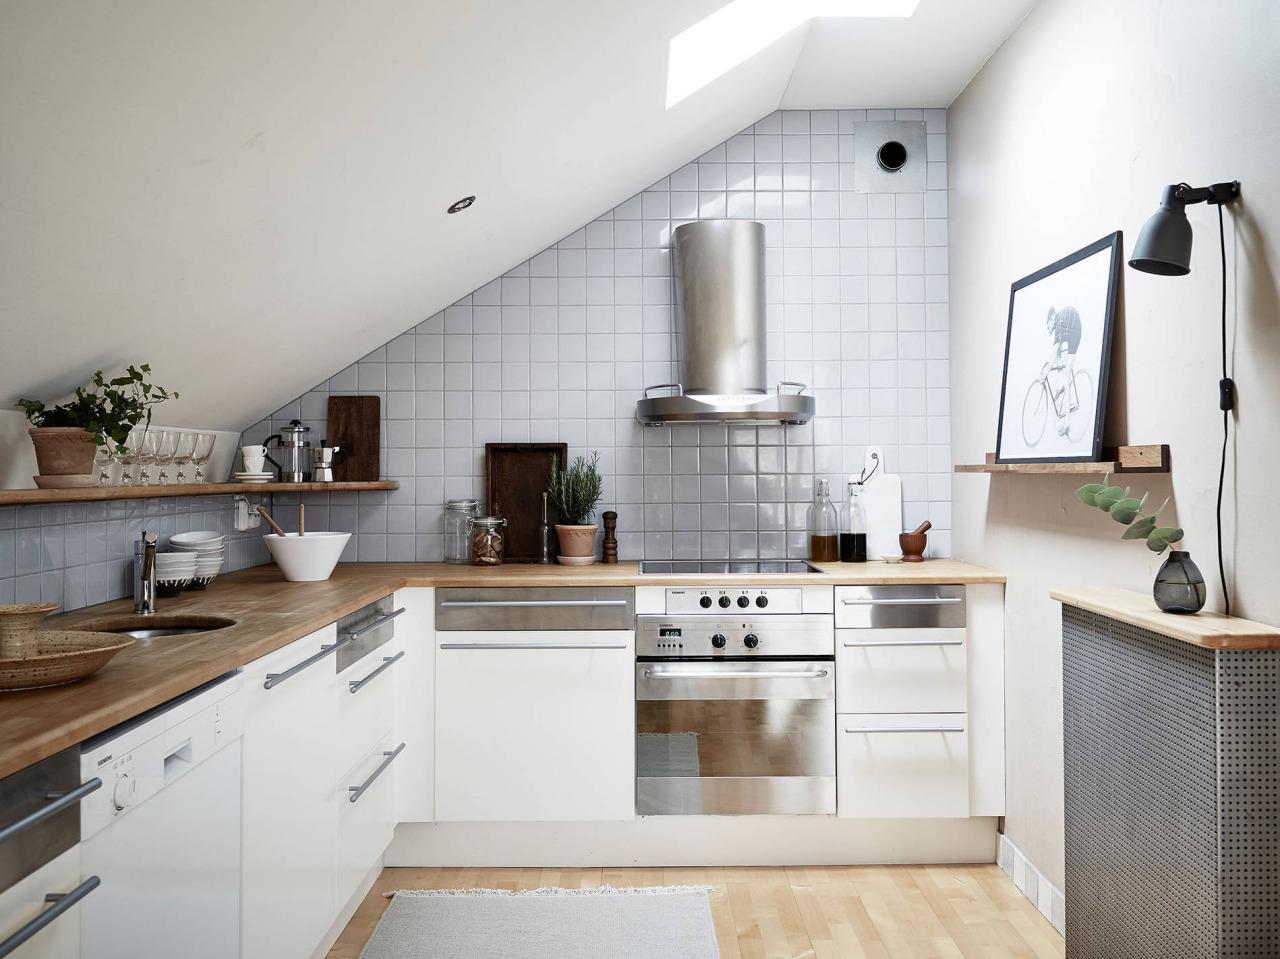 Come rinnovare una vecchia cucina - Come rinnovare la cucina ...